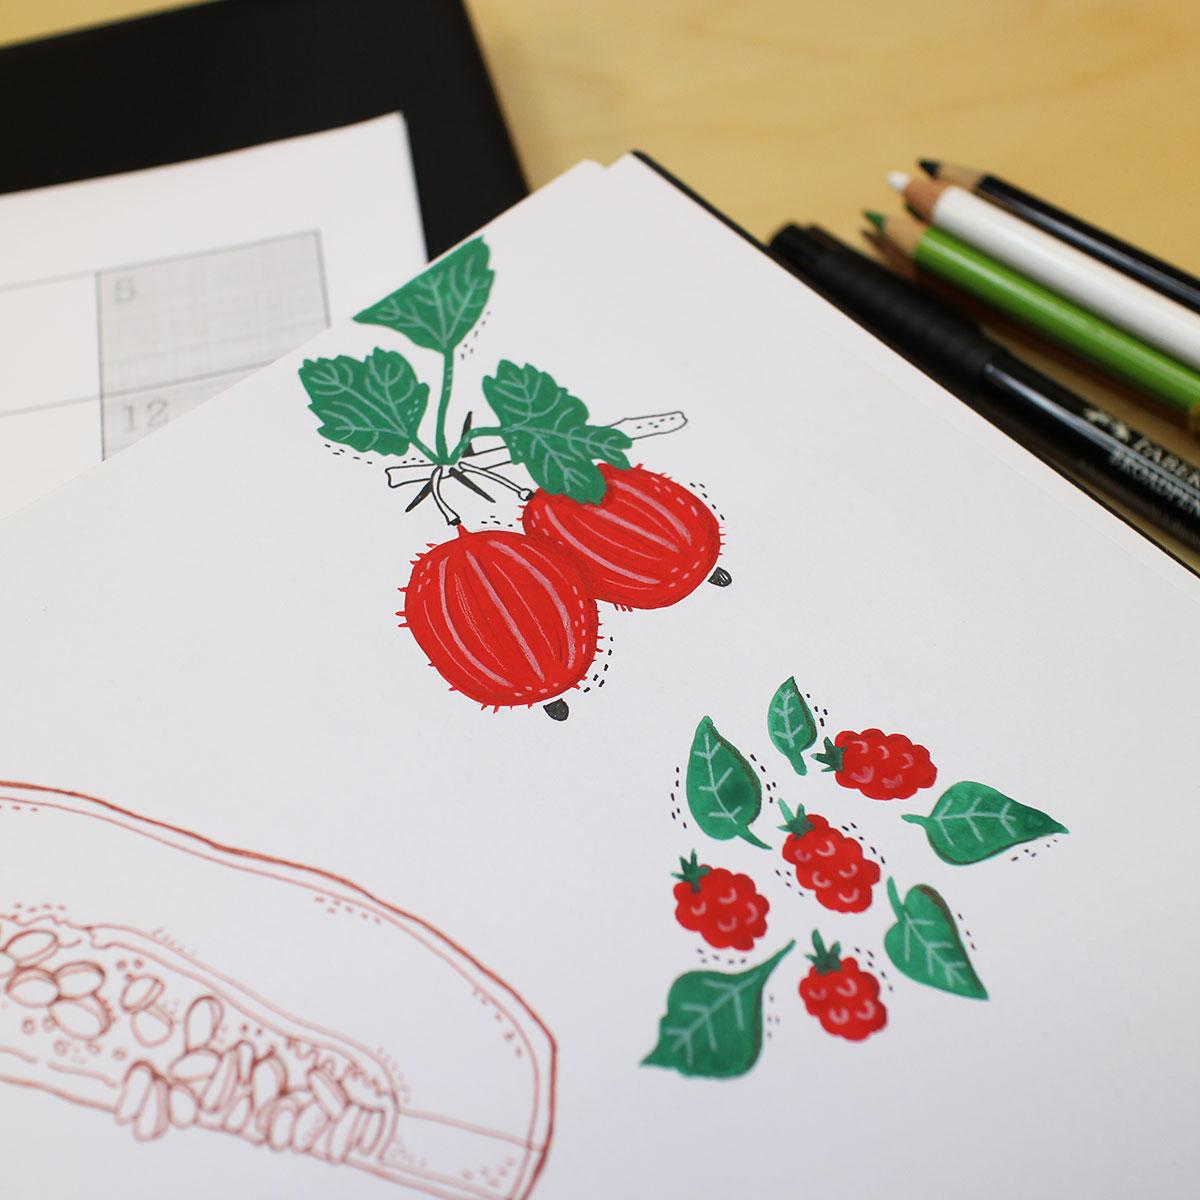 Disegnare fiori e frutti